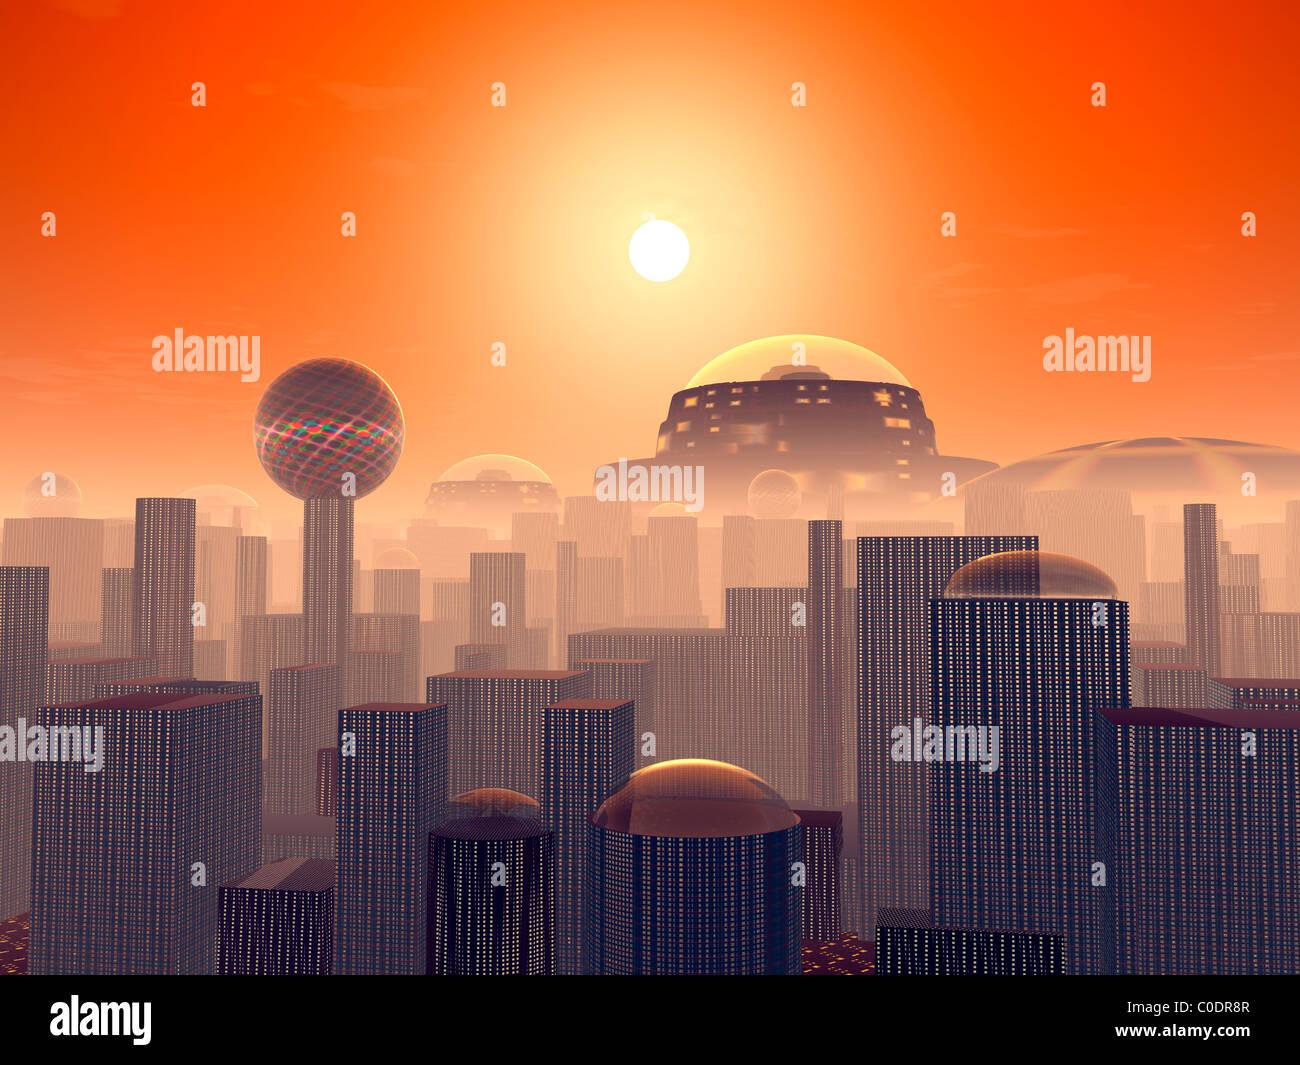 Concept de l'artiste d'une masse enterré par des couches de villes construites par les générations Photo Stock